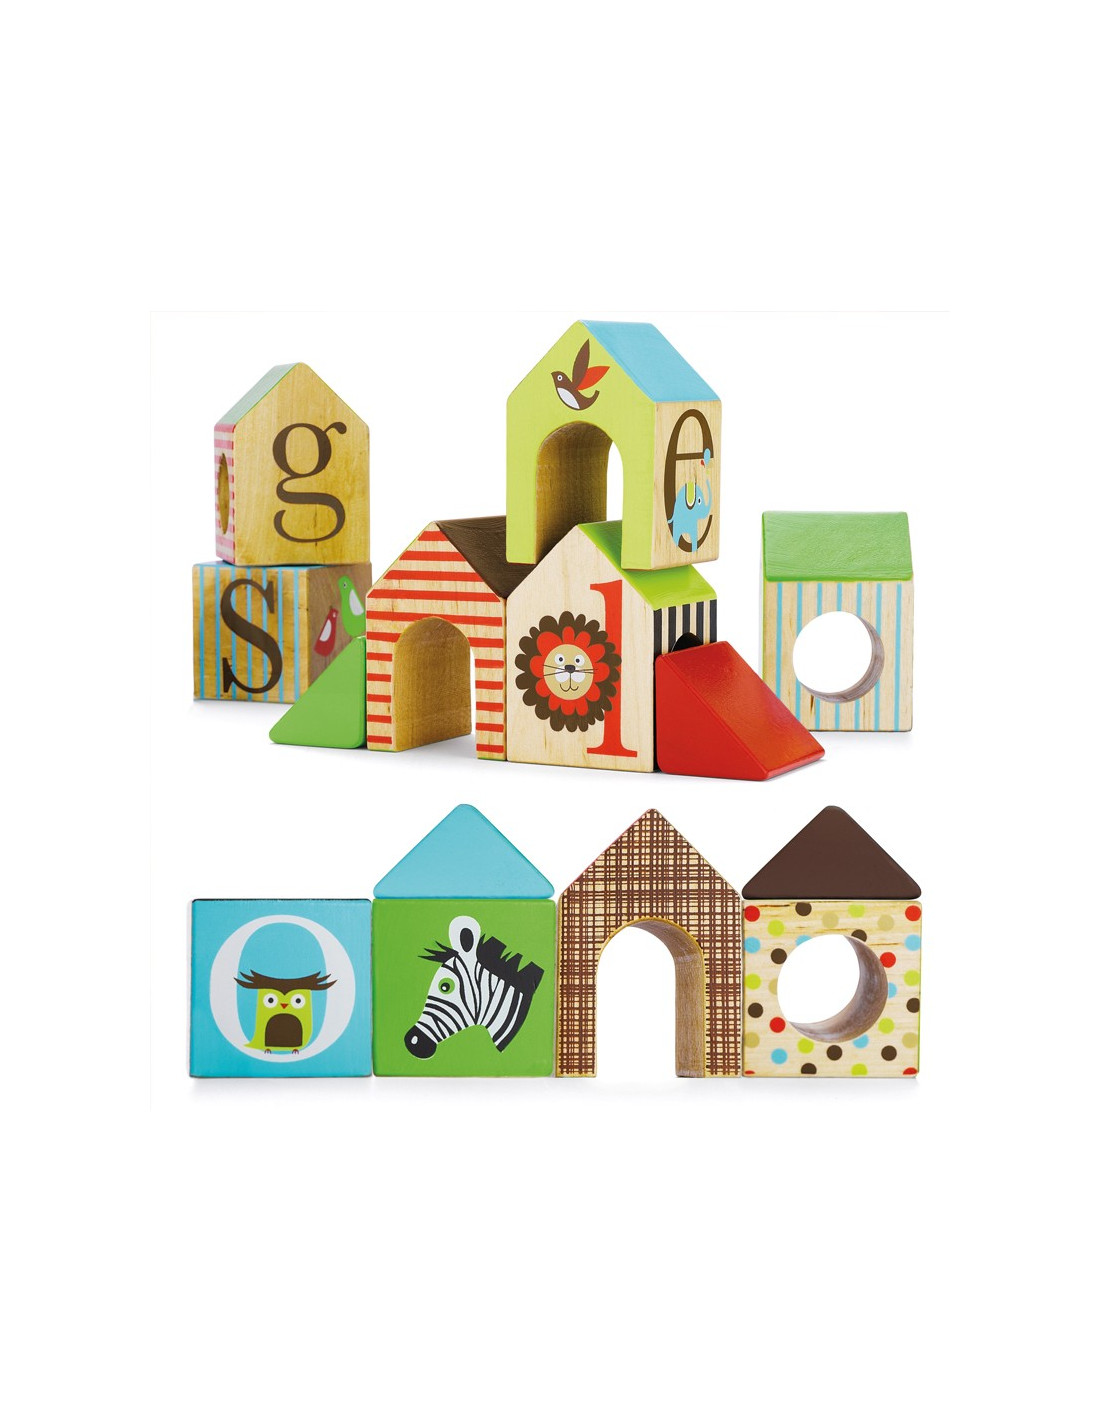 Madera Juguete Casa Apilable Alfabeto Skip De Hop 3q4jc5ARLS